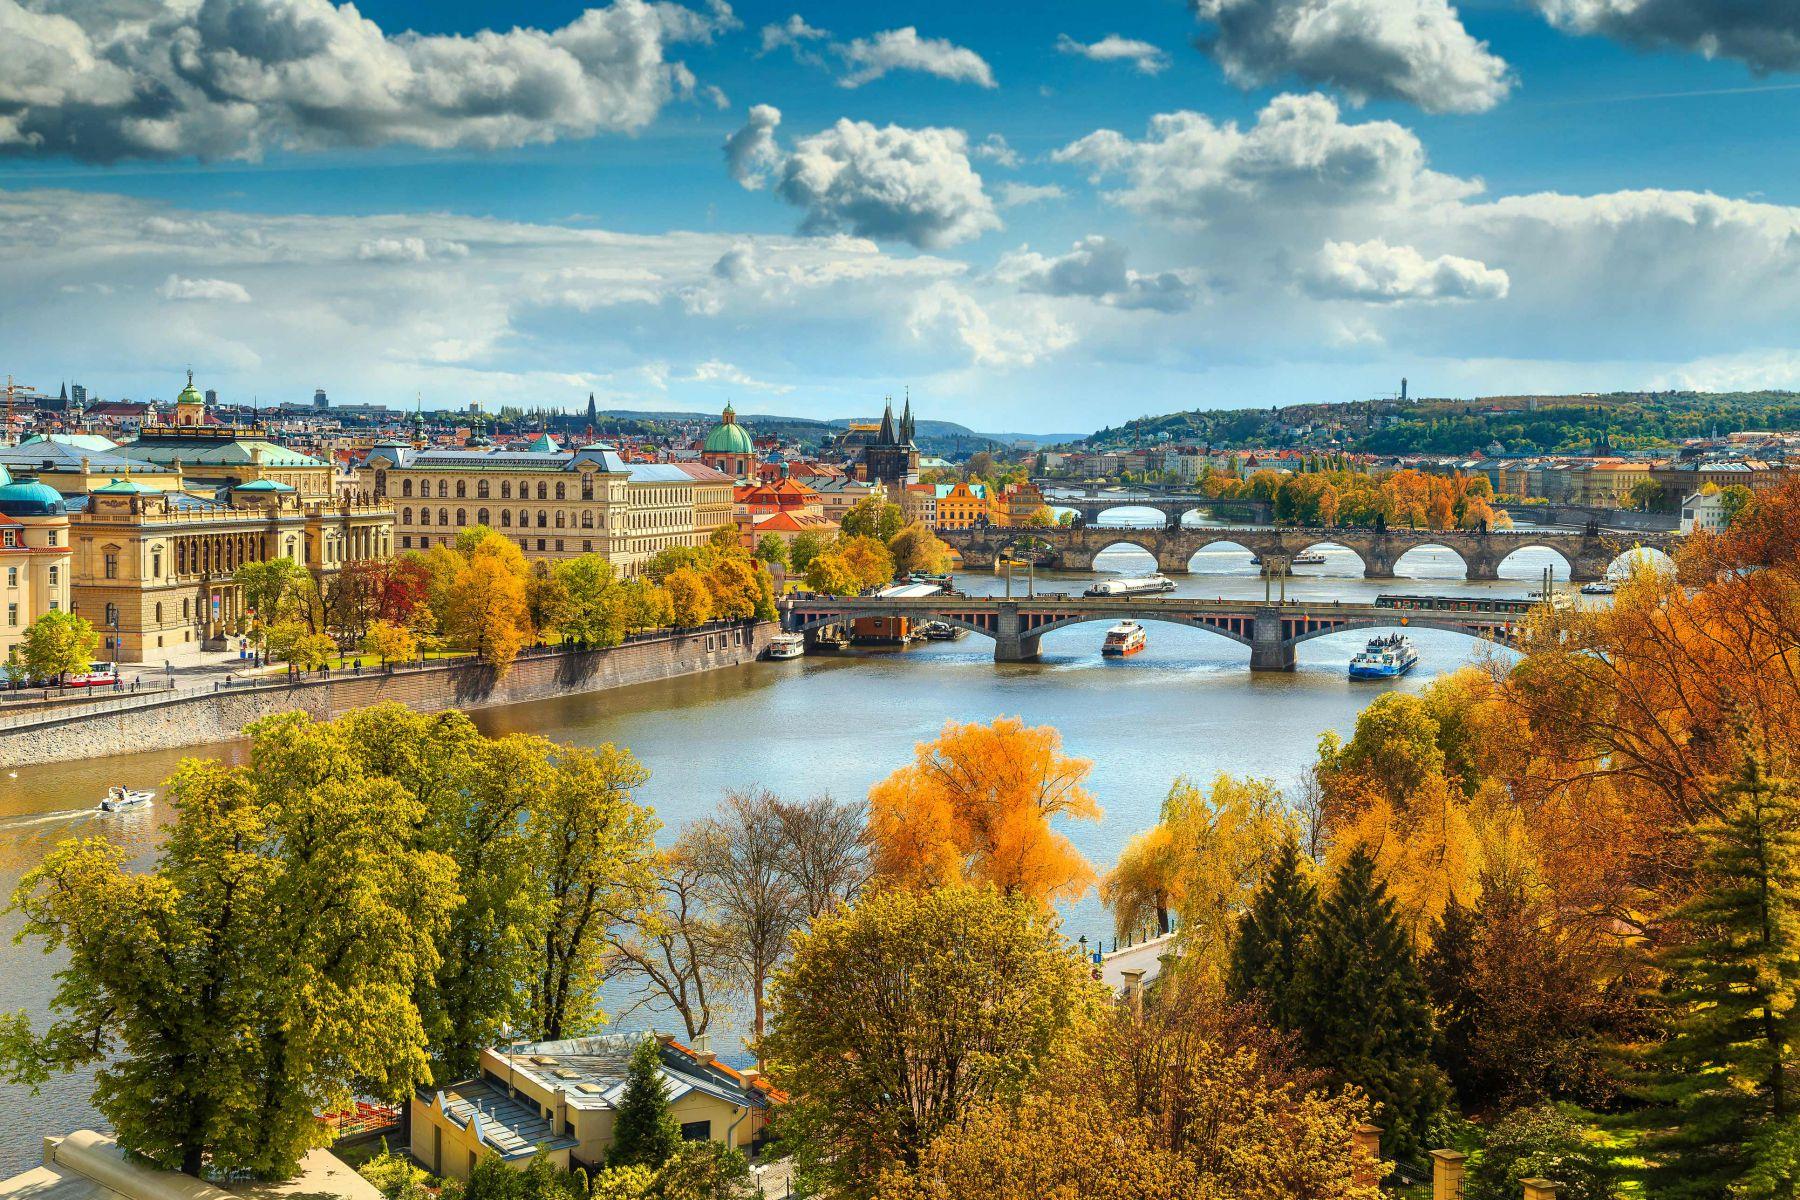 Prachtig uitzicht over Praag en de Moldau | credit: Janoka82 (iStock)